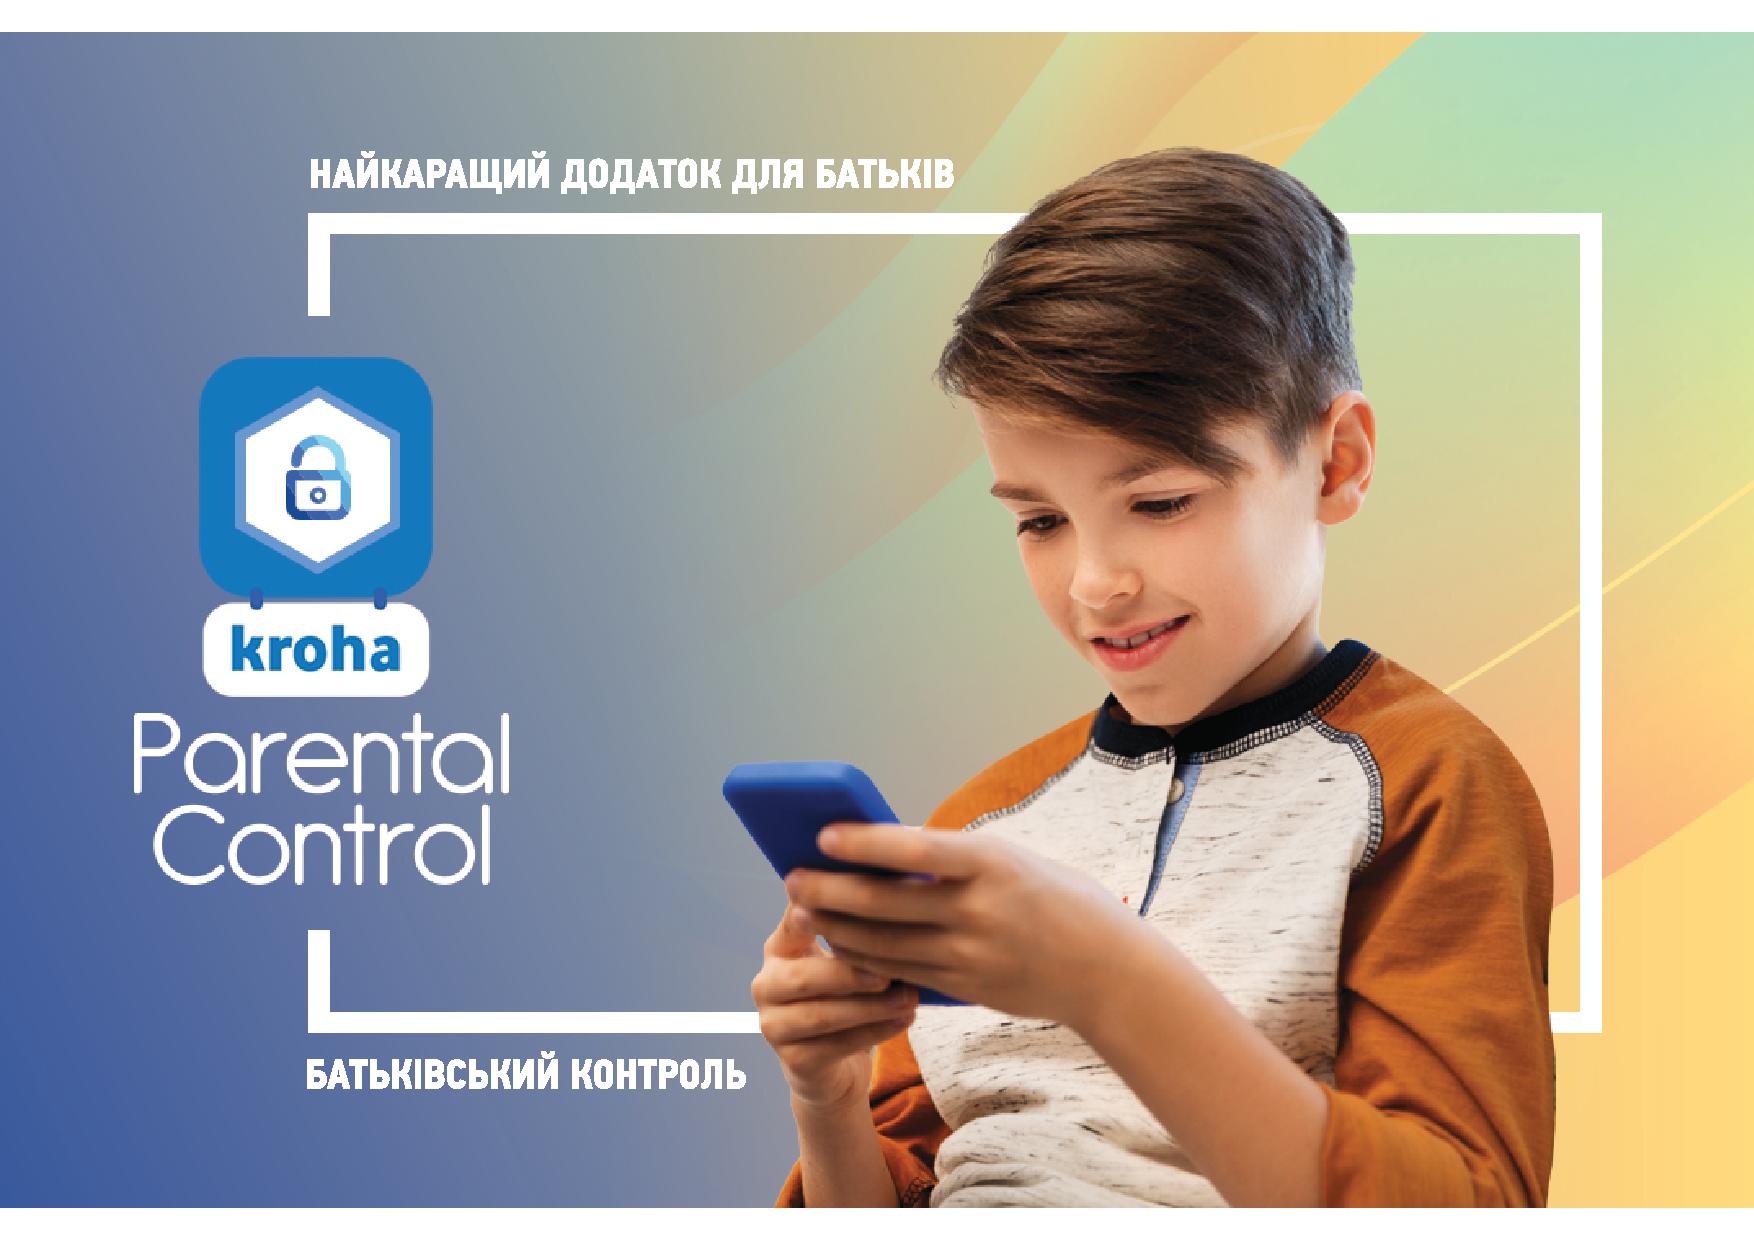 Parental control Термін дії 12 місяців для 5 пристроїв